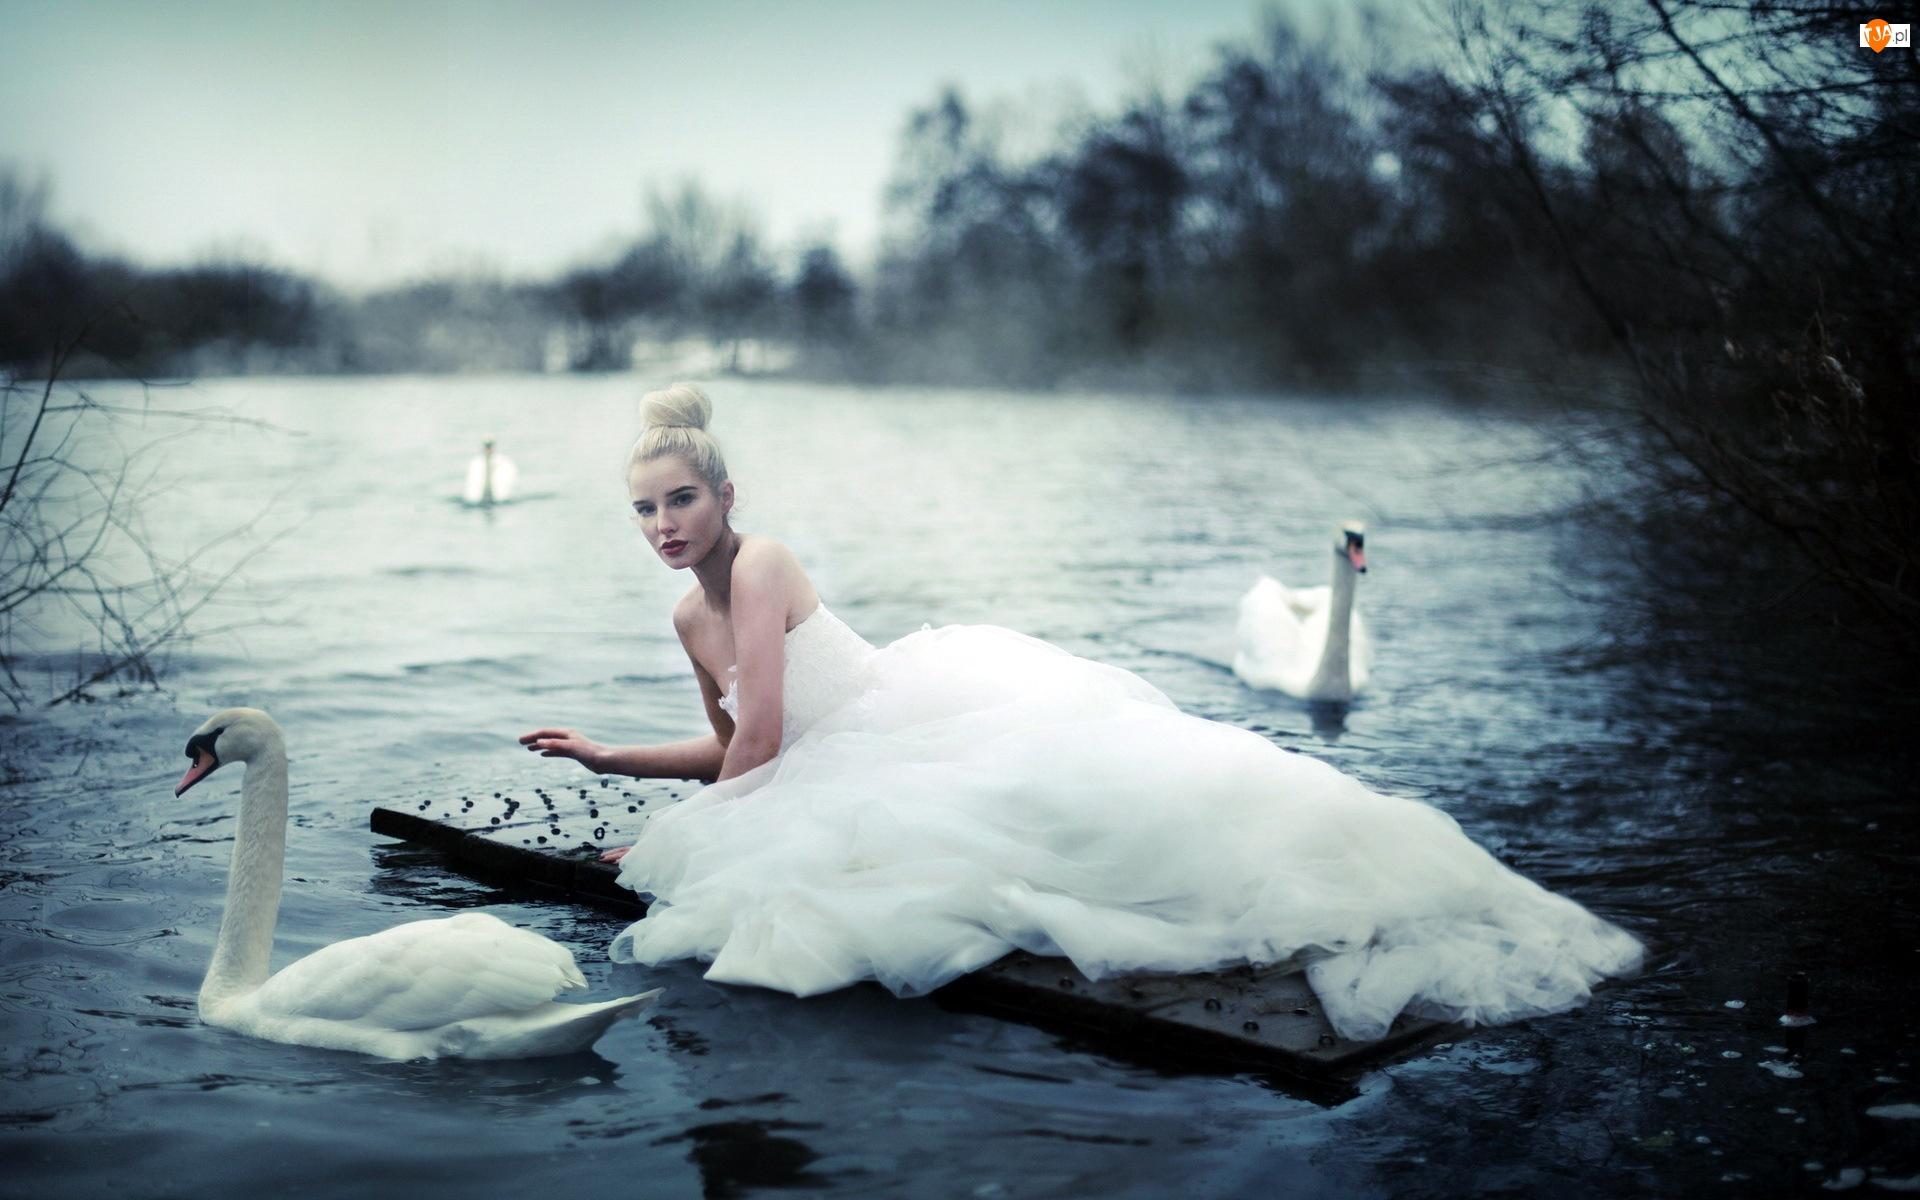 Łabędzie, Kobieta, Jezioro